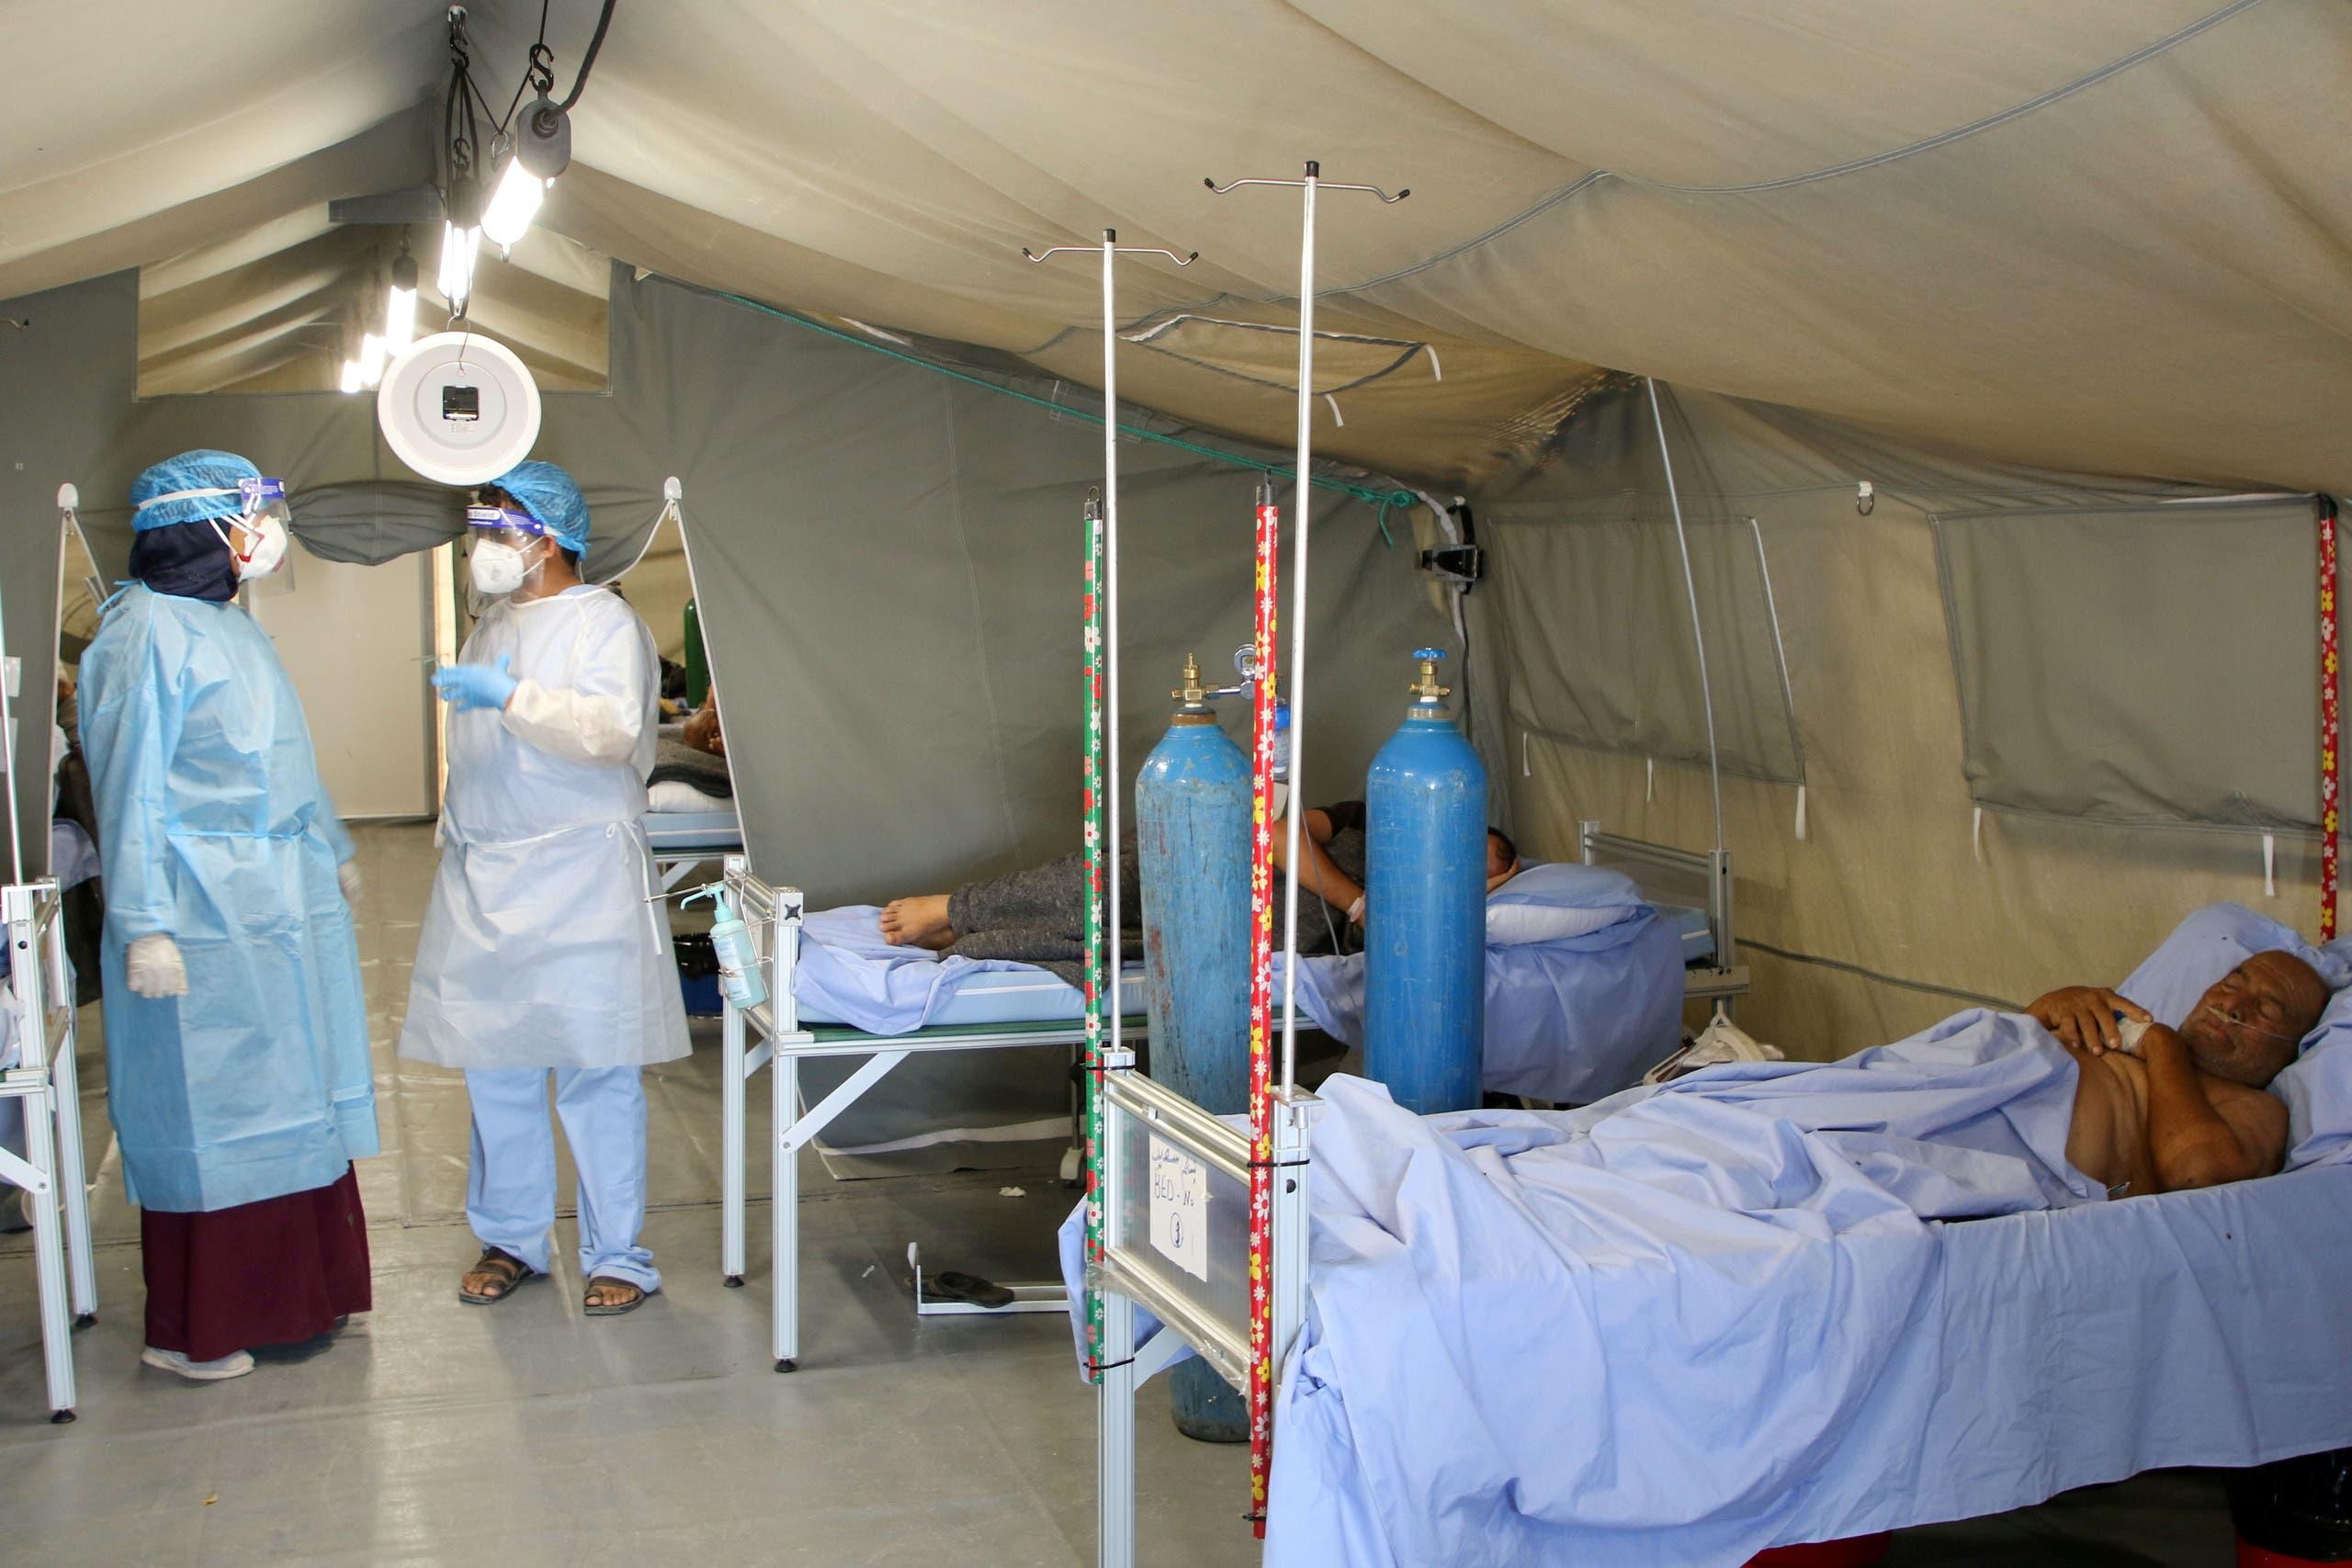 مركز لعلاج المصابين بكورونا في عدن